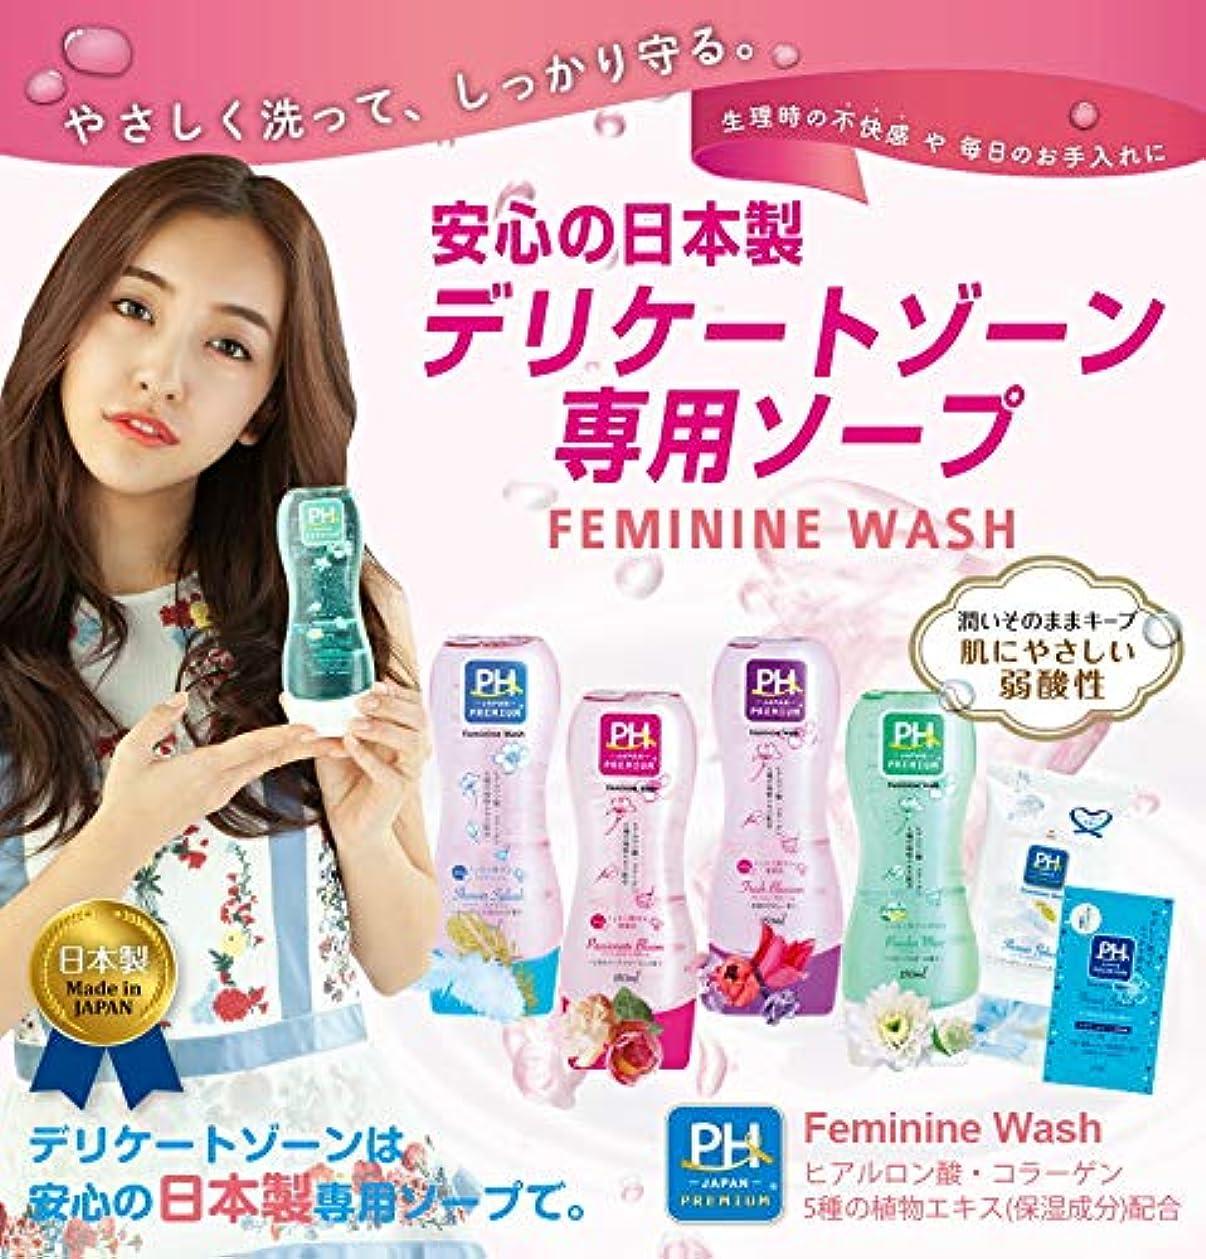 二次また明日ねプレートパウダーミント4本セット PH JAPAN フェミニンウォッシュ ベビーパウダーの香り